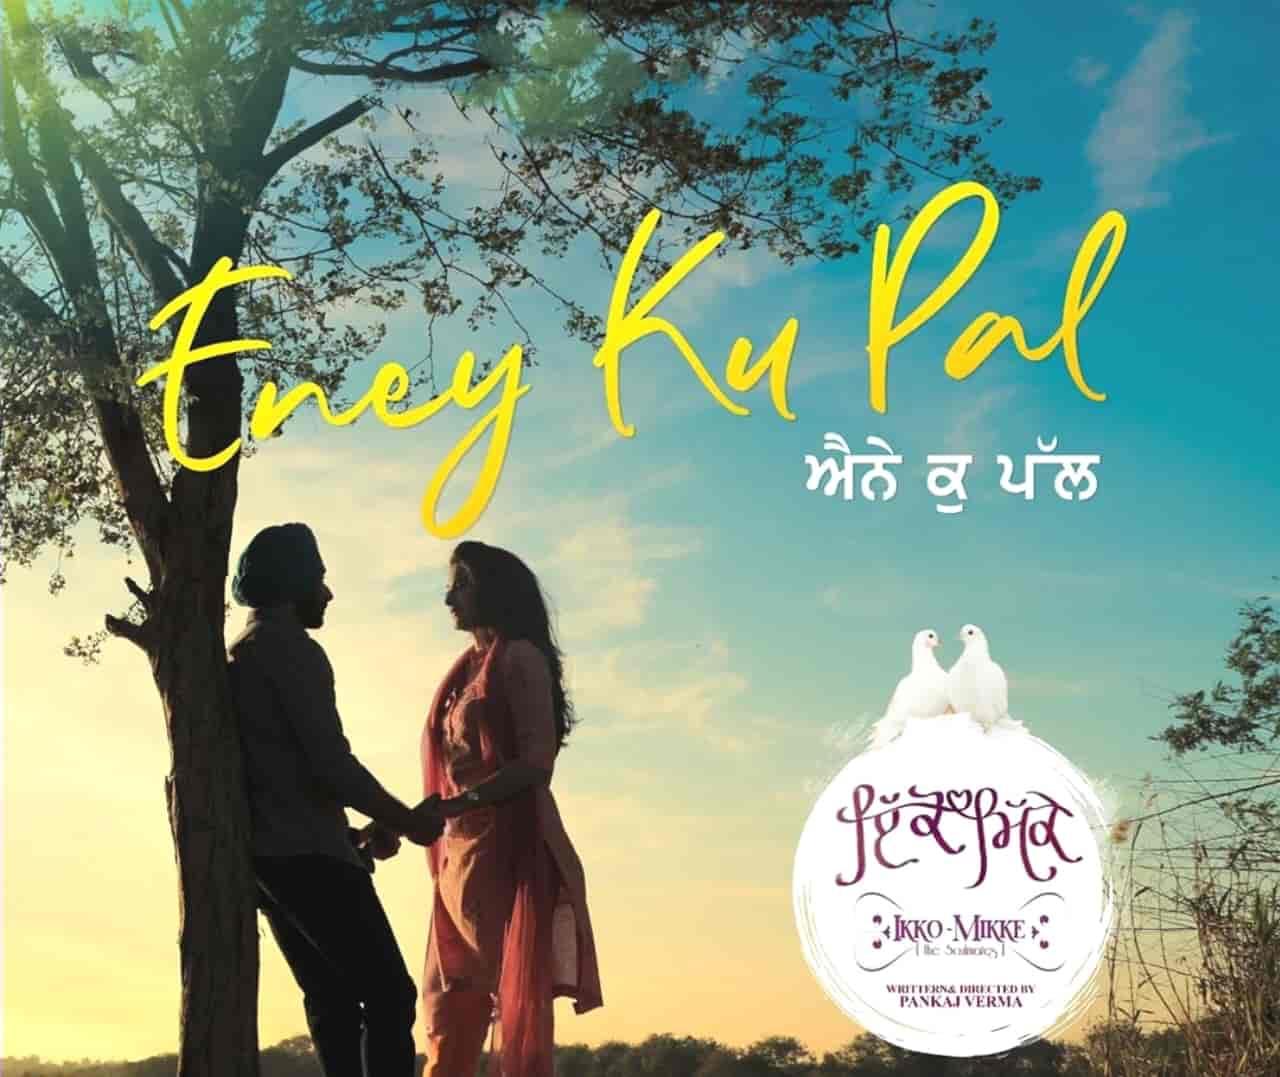 Eney Ku Pal Song Image From Movie Ikko Mikke